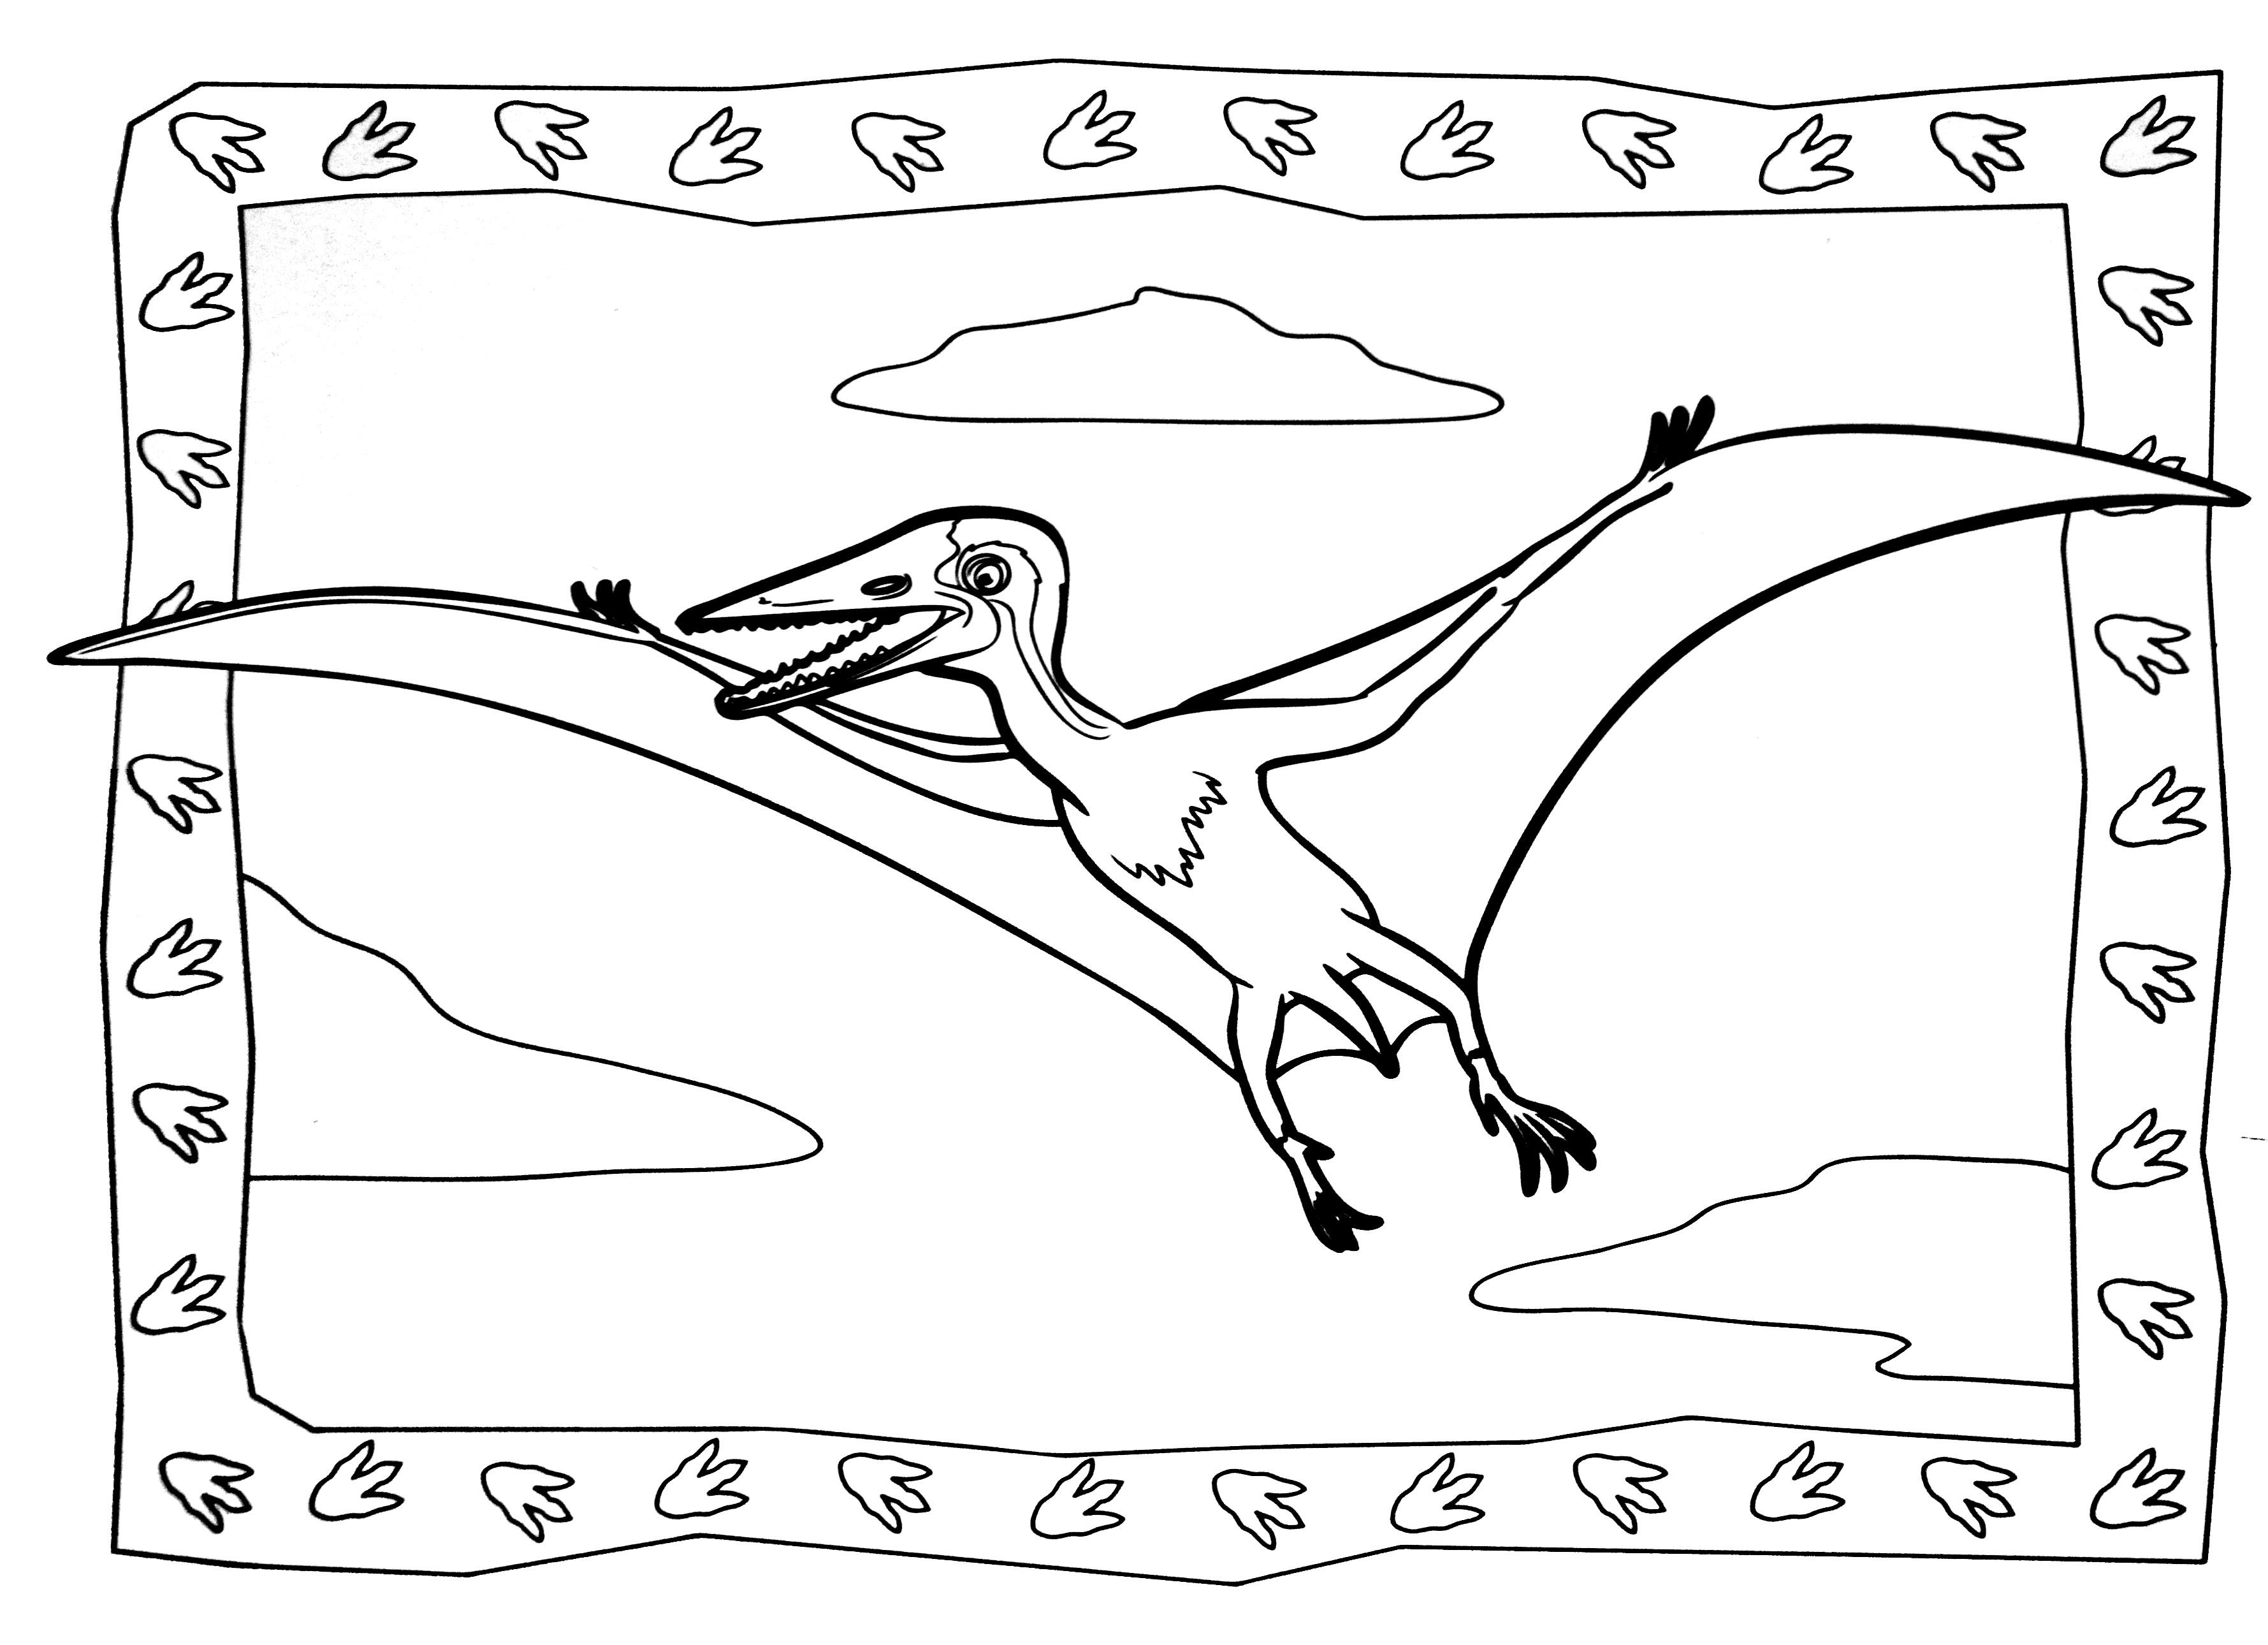 A imprimer dinosaure 7 coloriages de dinosaures coloriages pour enfants - Dessin de dinosaure a imprimer ...